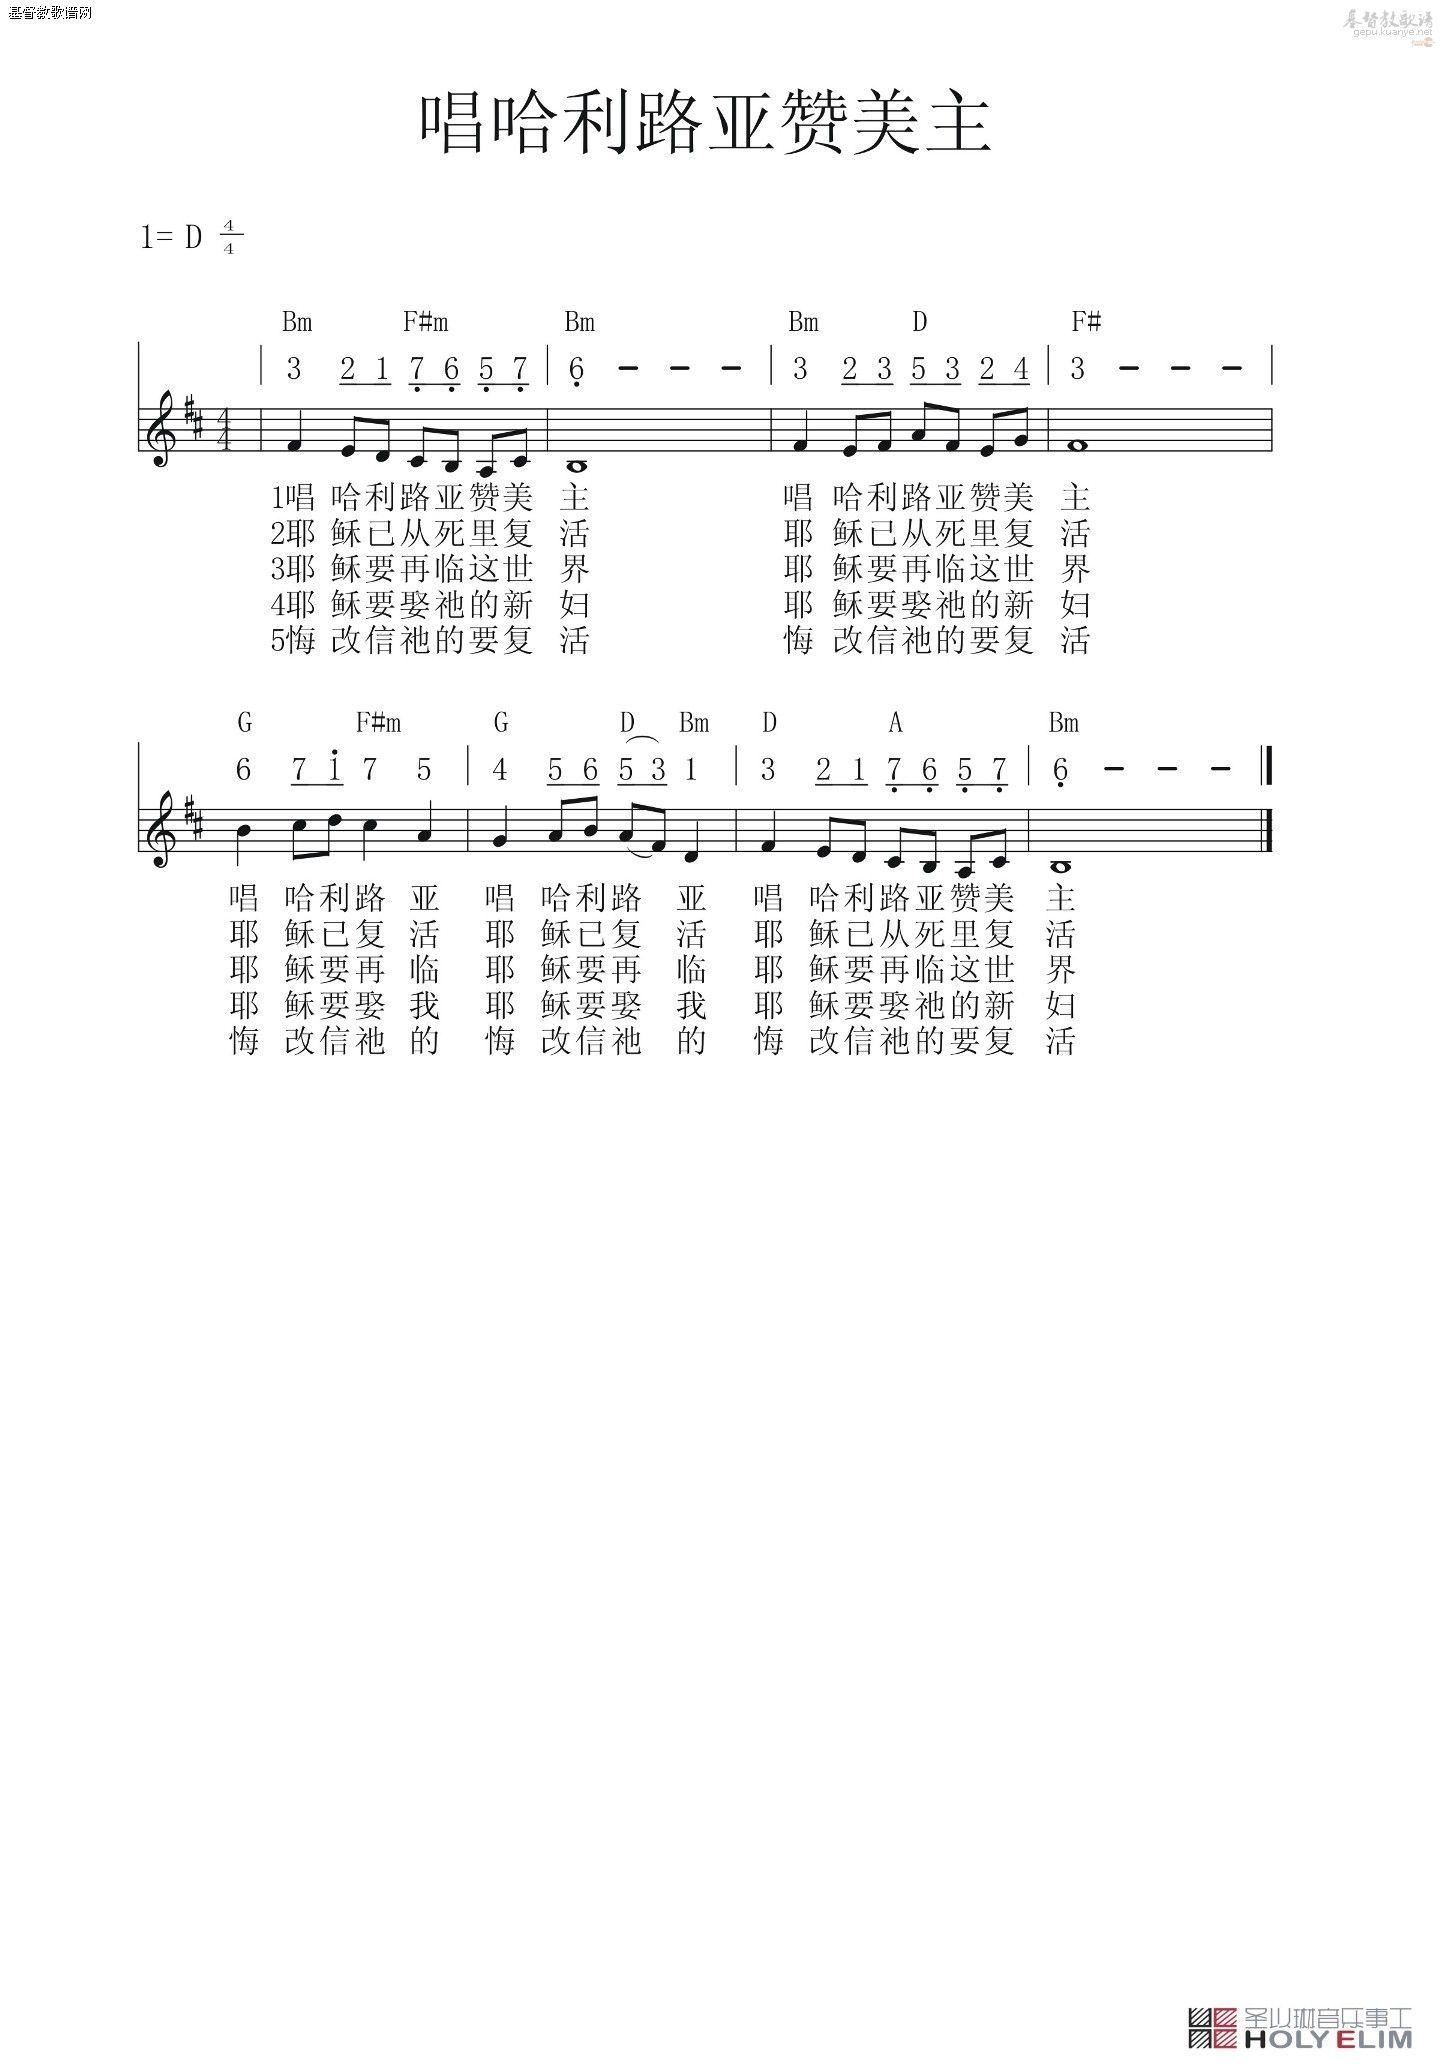 唱哈利路亚赞美主 五线谱 基督教简谱网歌谱网 诗歌大全五